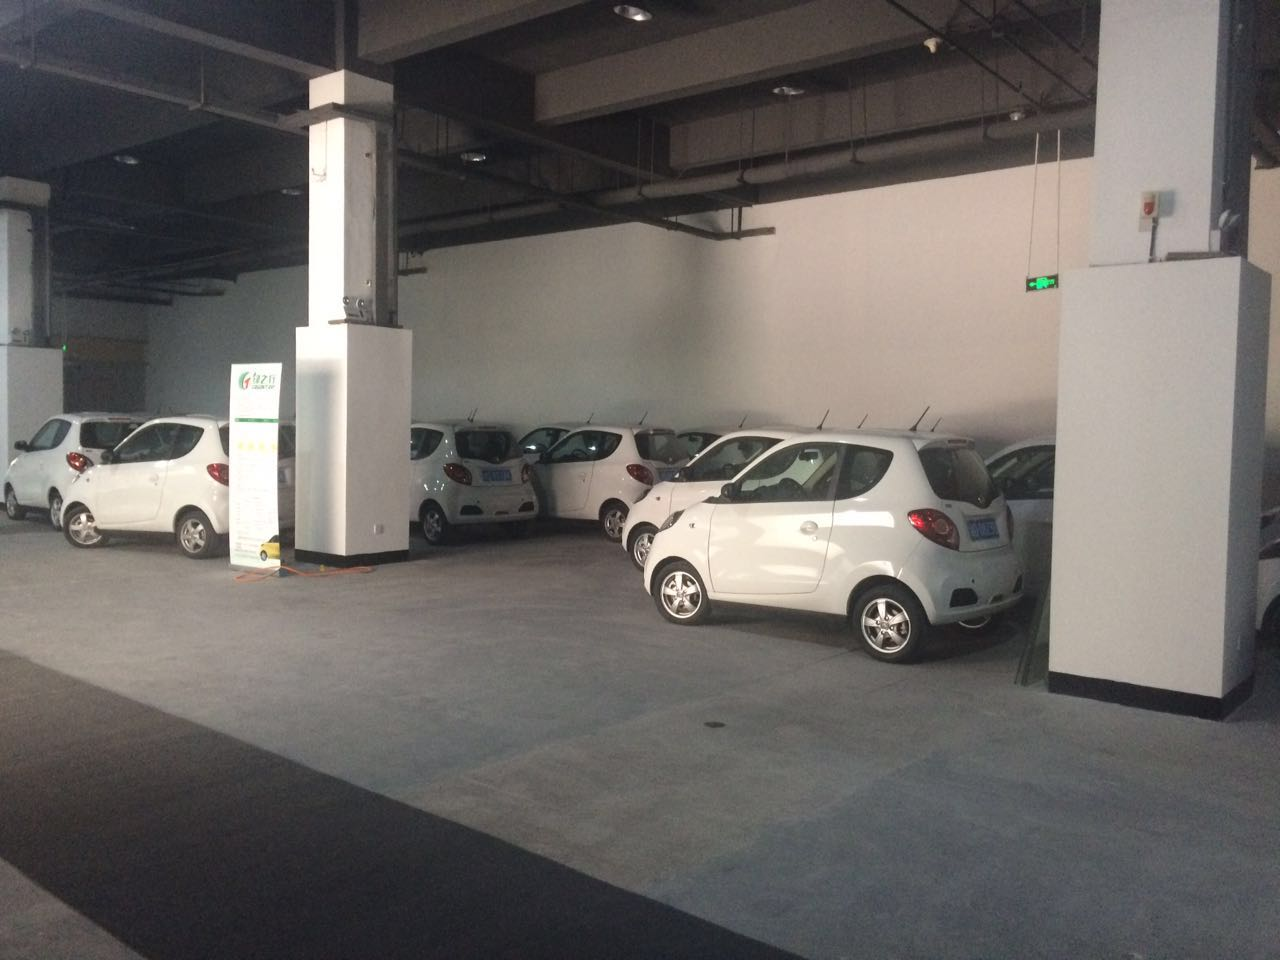 绍兴绿之行新能源汽车服务有限公司